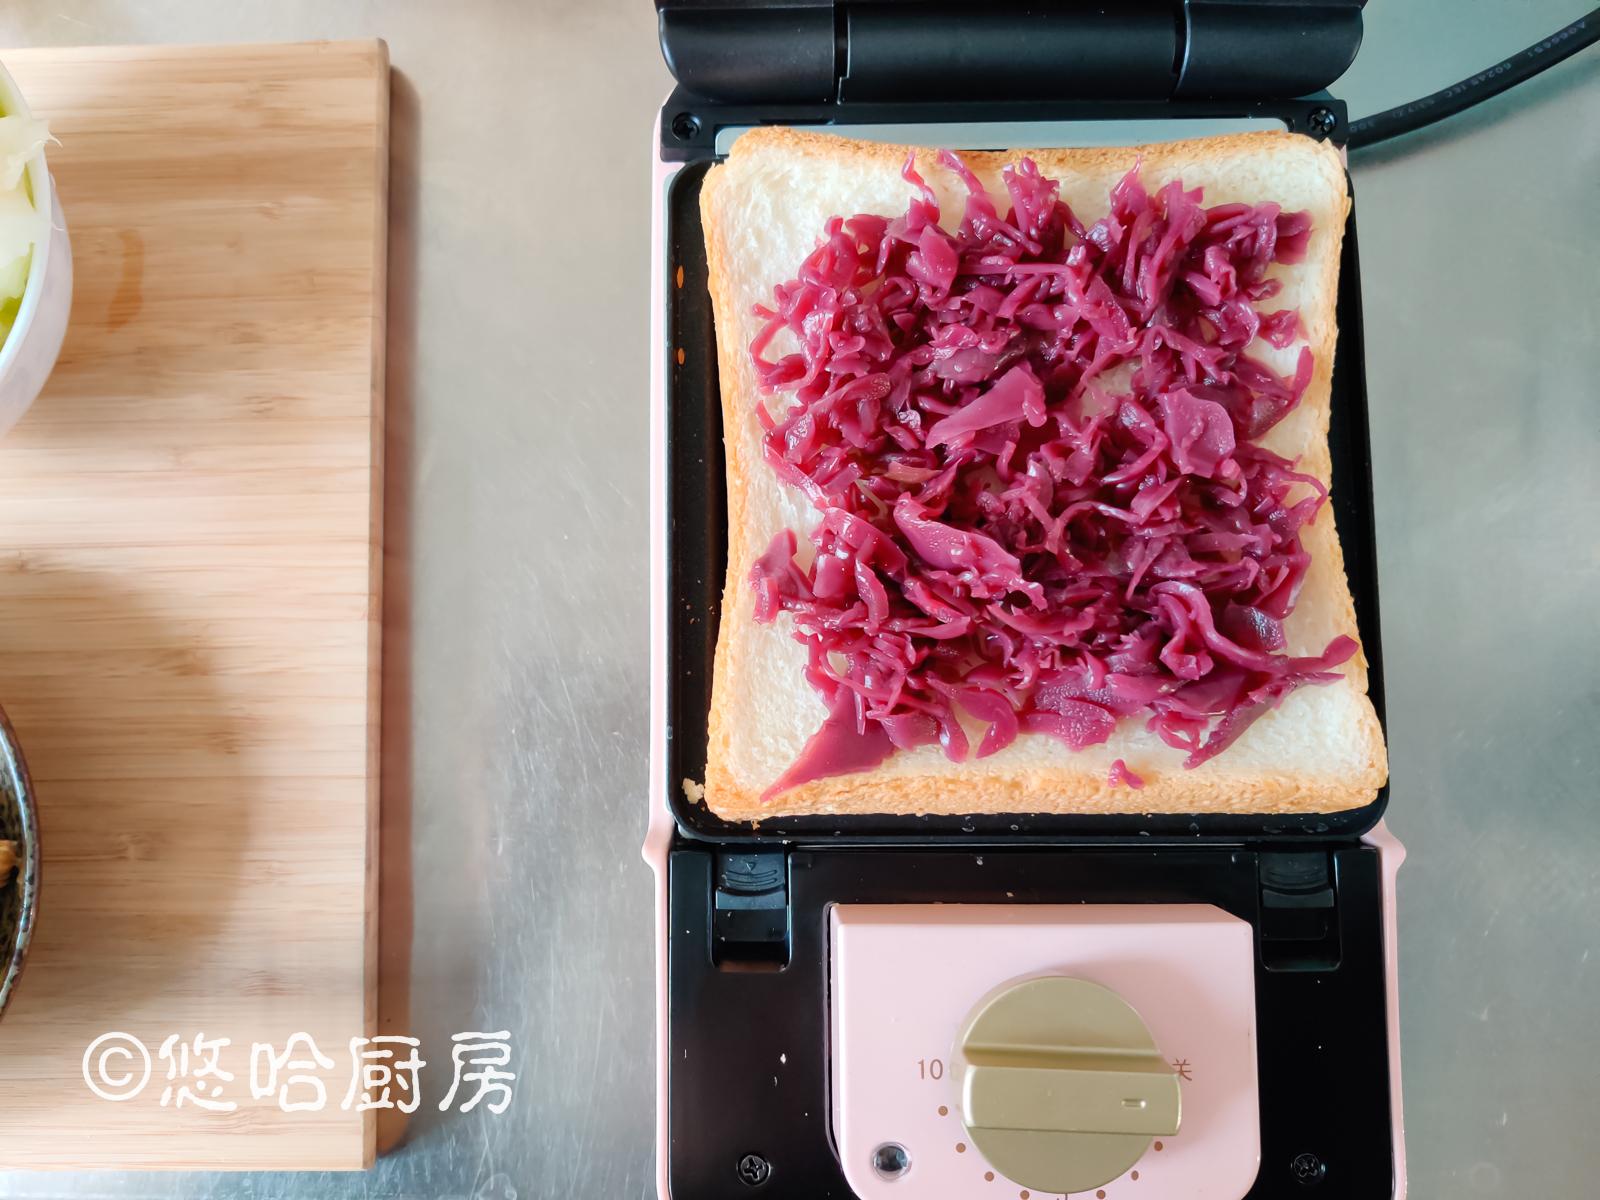 用它做三明治,比肉夹馍酥脆松软,一口气吃2个,真香